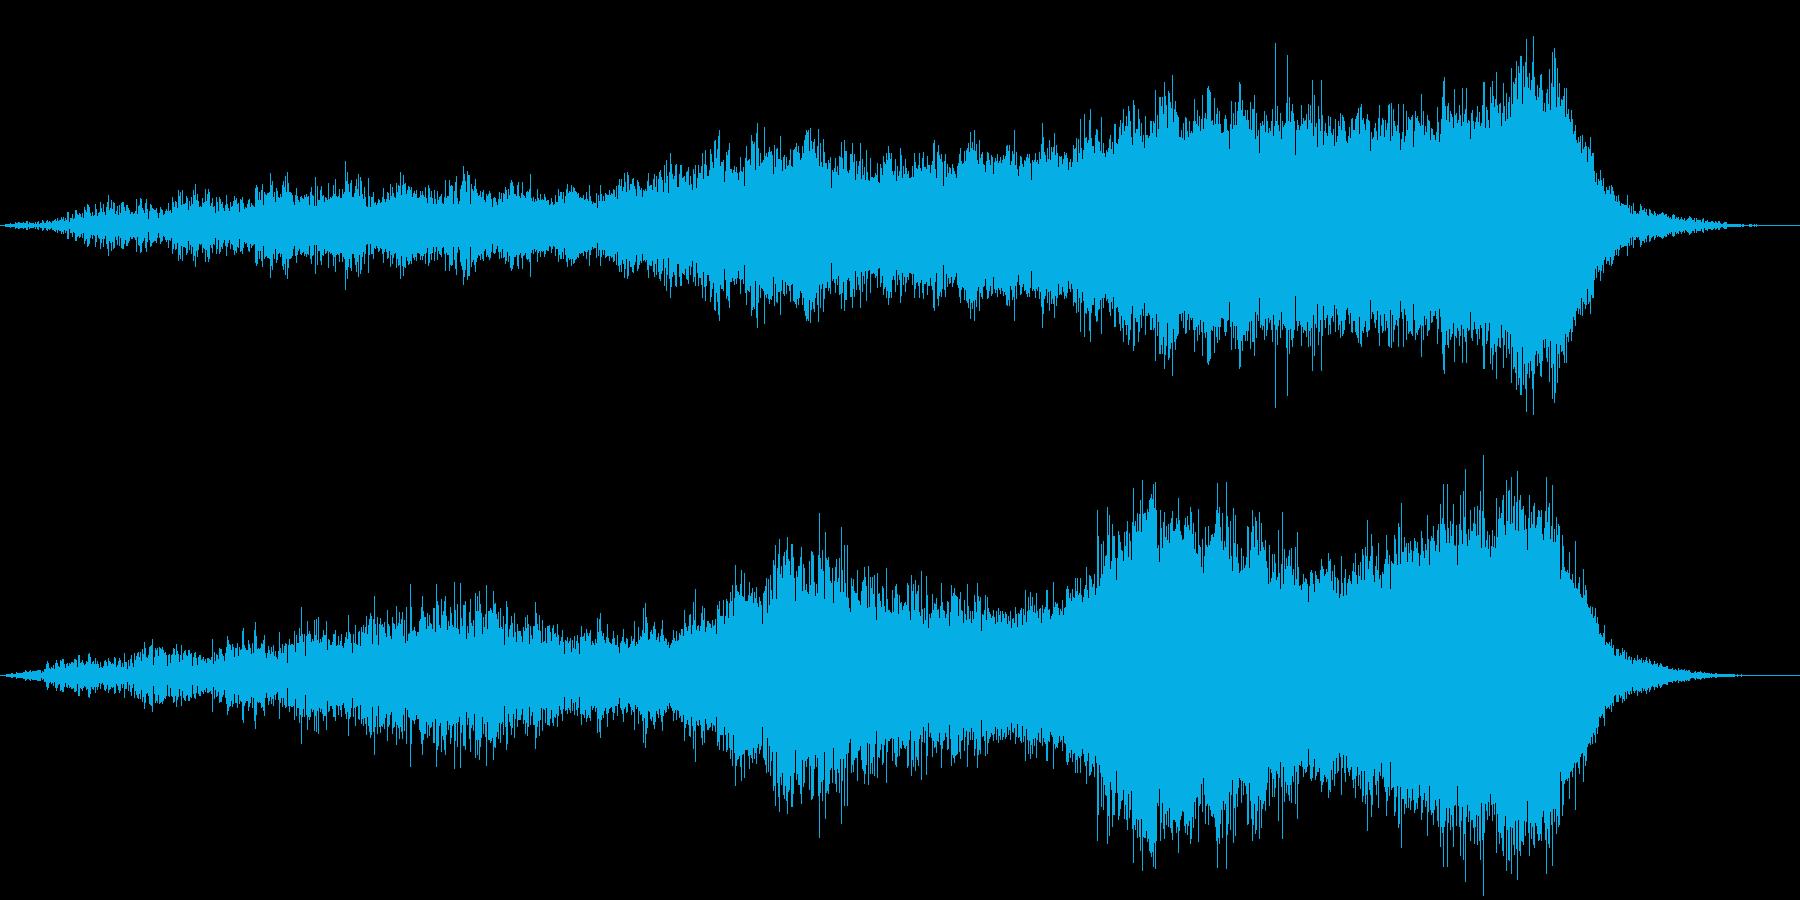 【ライザー】21 エピックサウンド 壮大の再生済みの波形